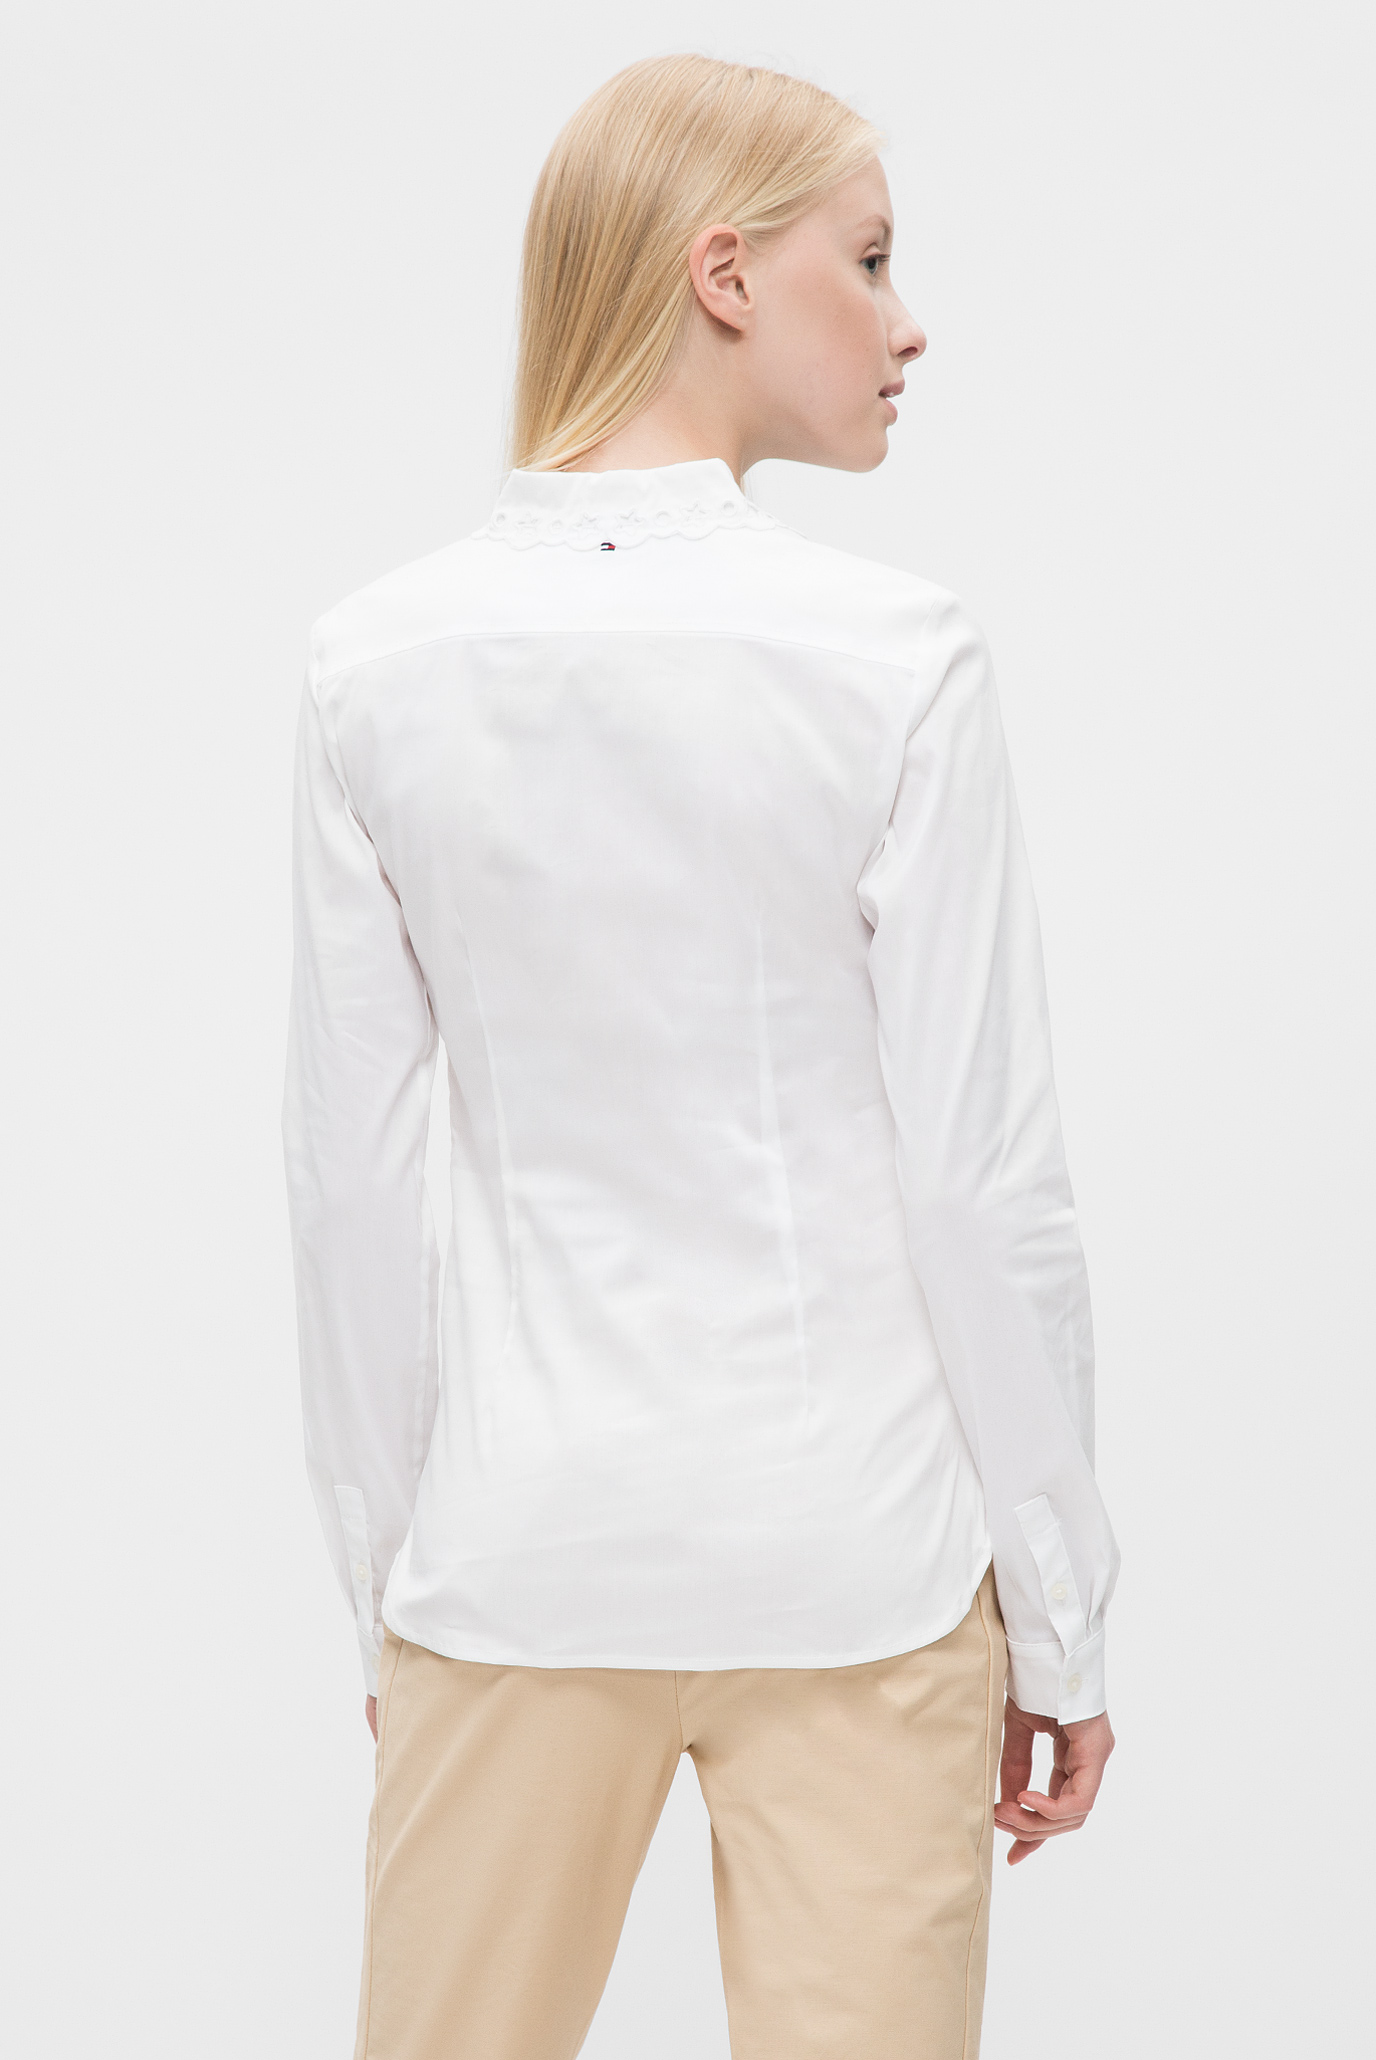 Купить Женская белая блуза  Tommy Hilfiger Tommy Hilfiger WW0WW21499 – Киев, Украина. Цены в интернет магазине MD Fashion